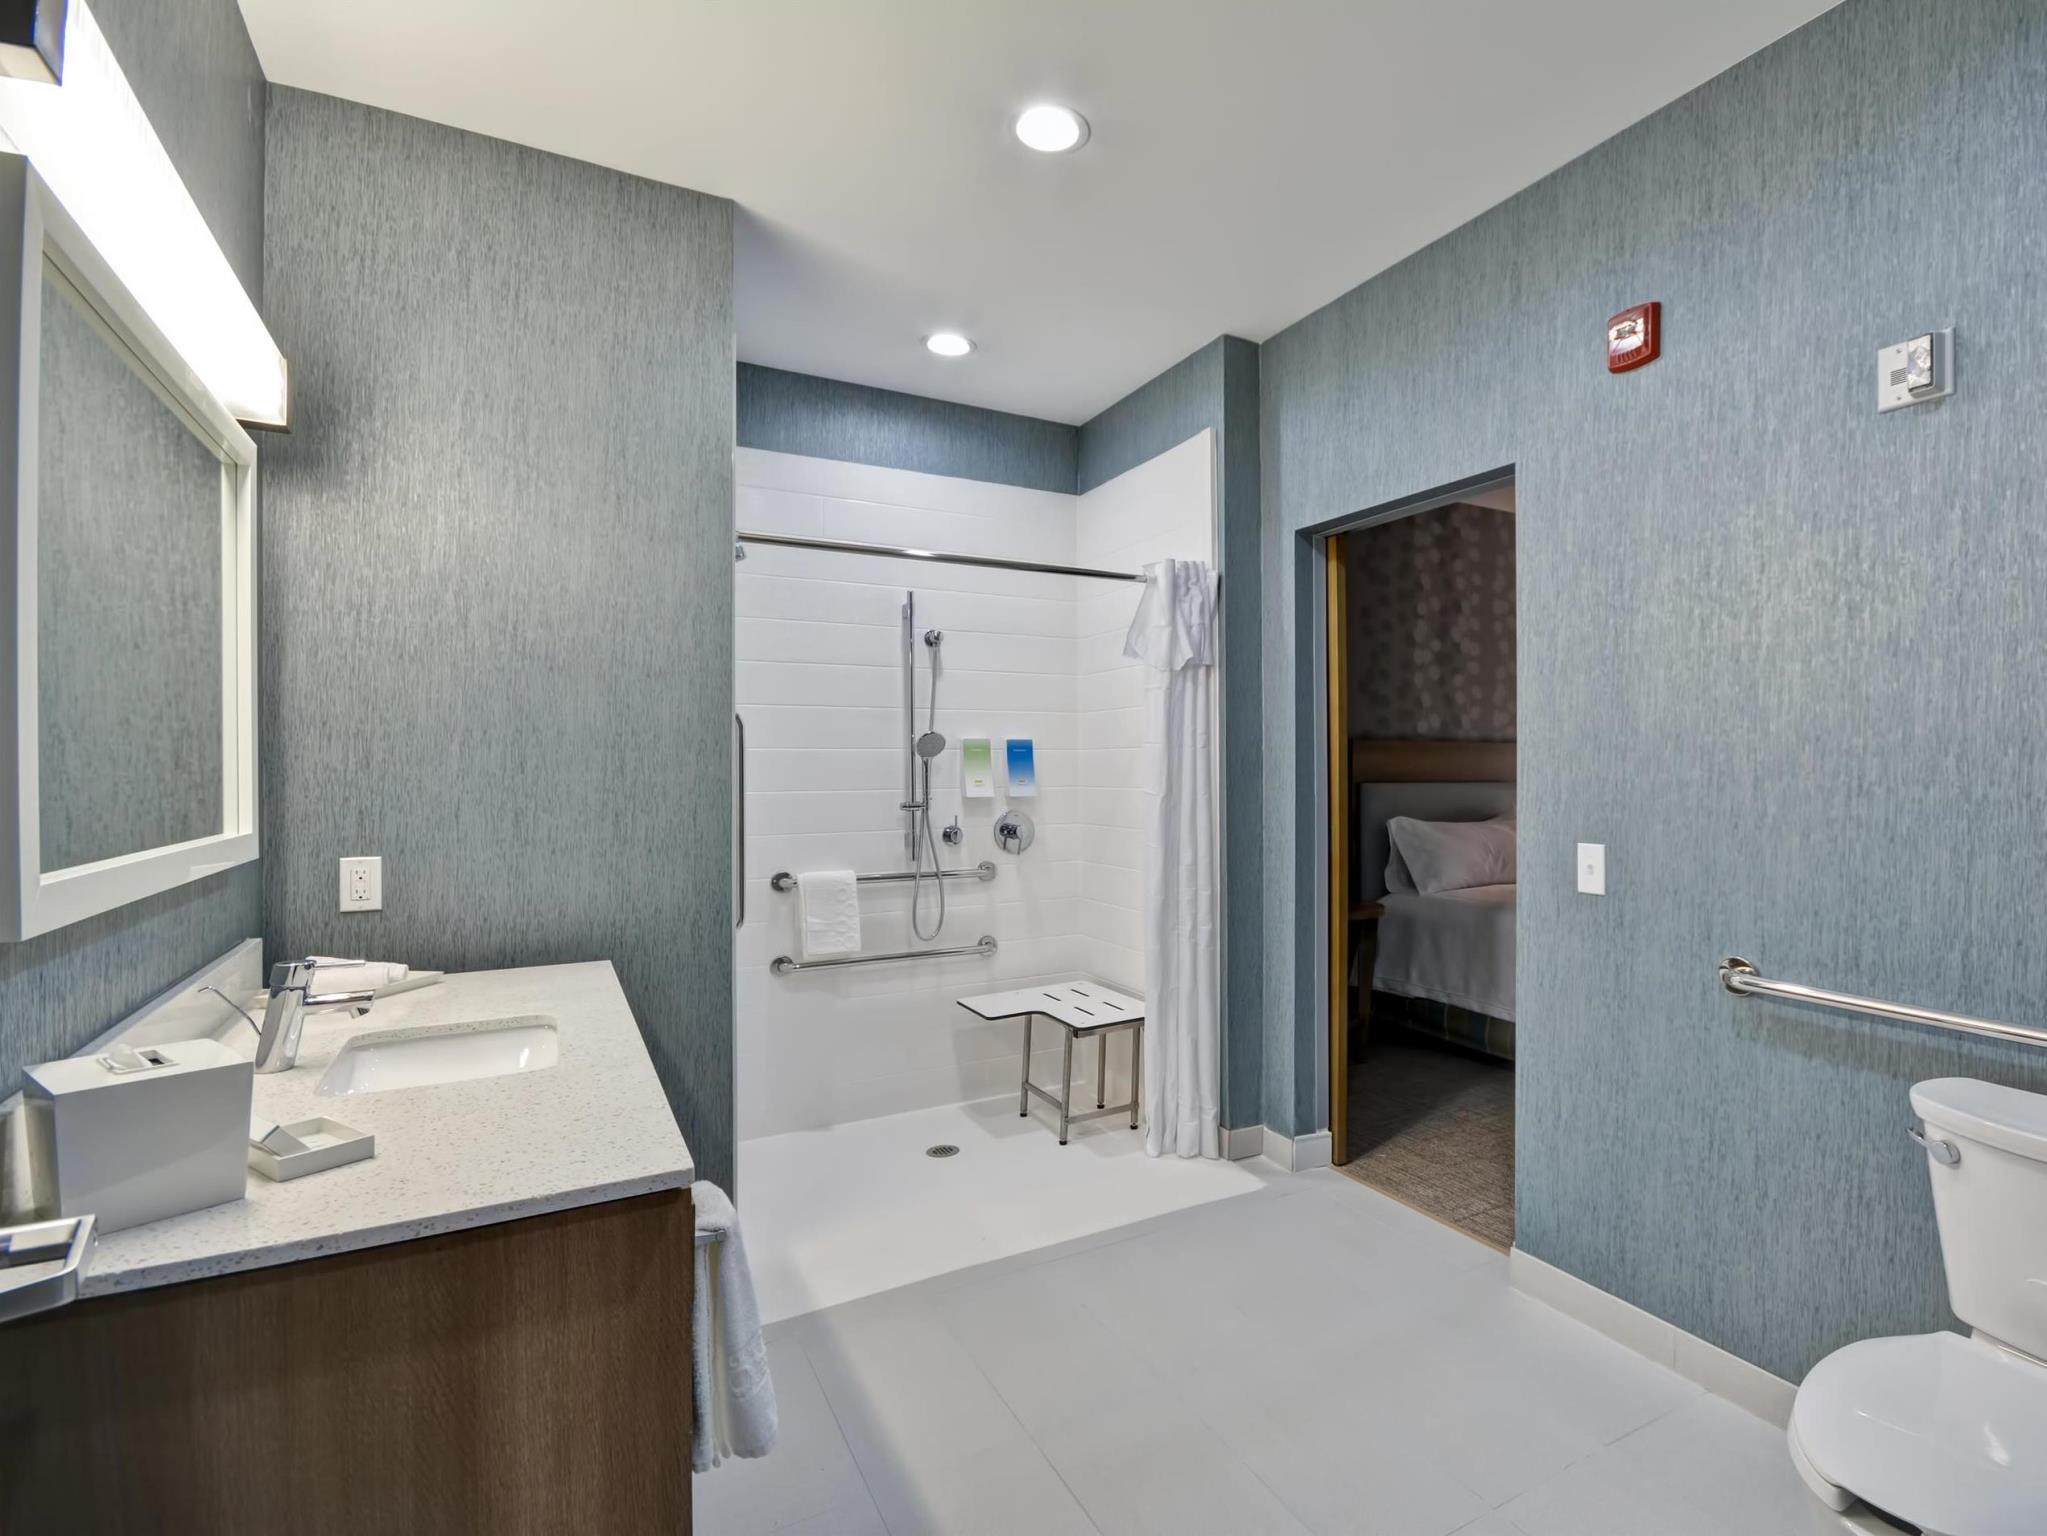 Home2 Suites By Hilton Jackson